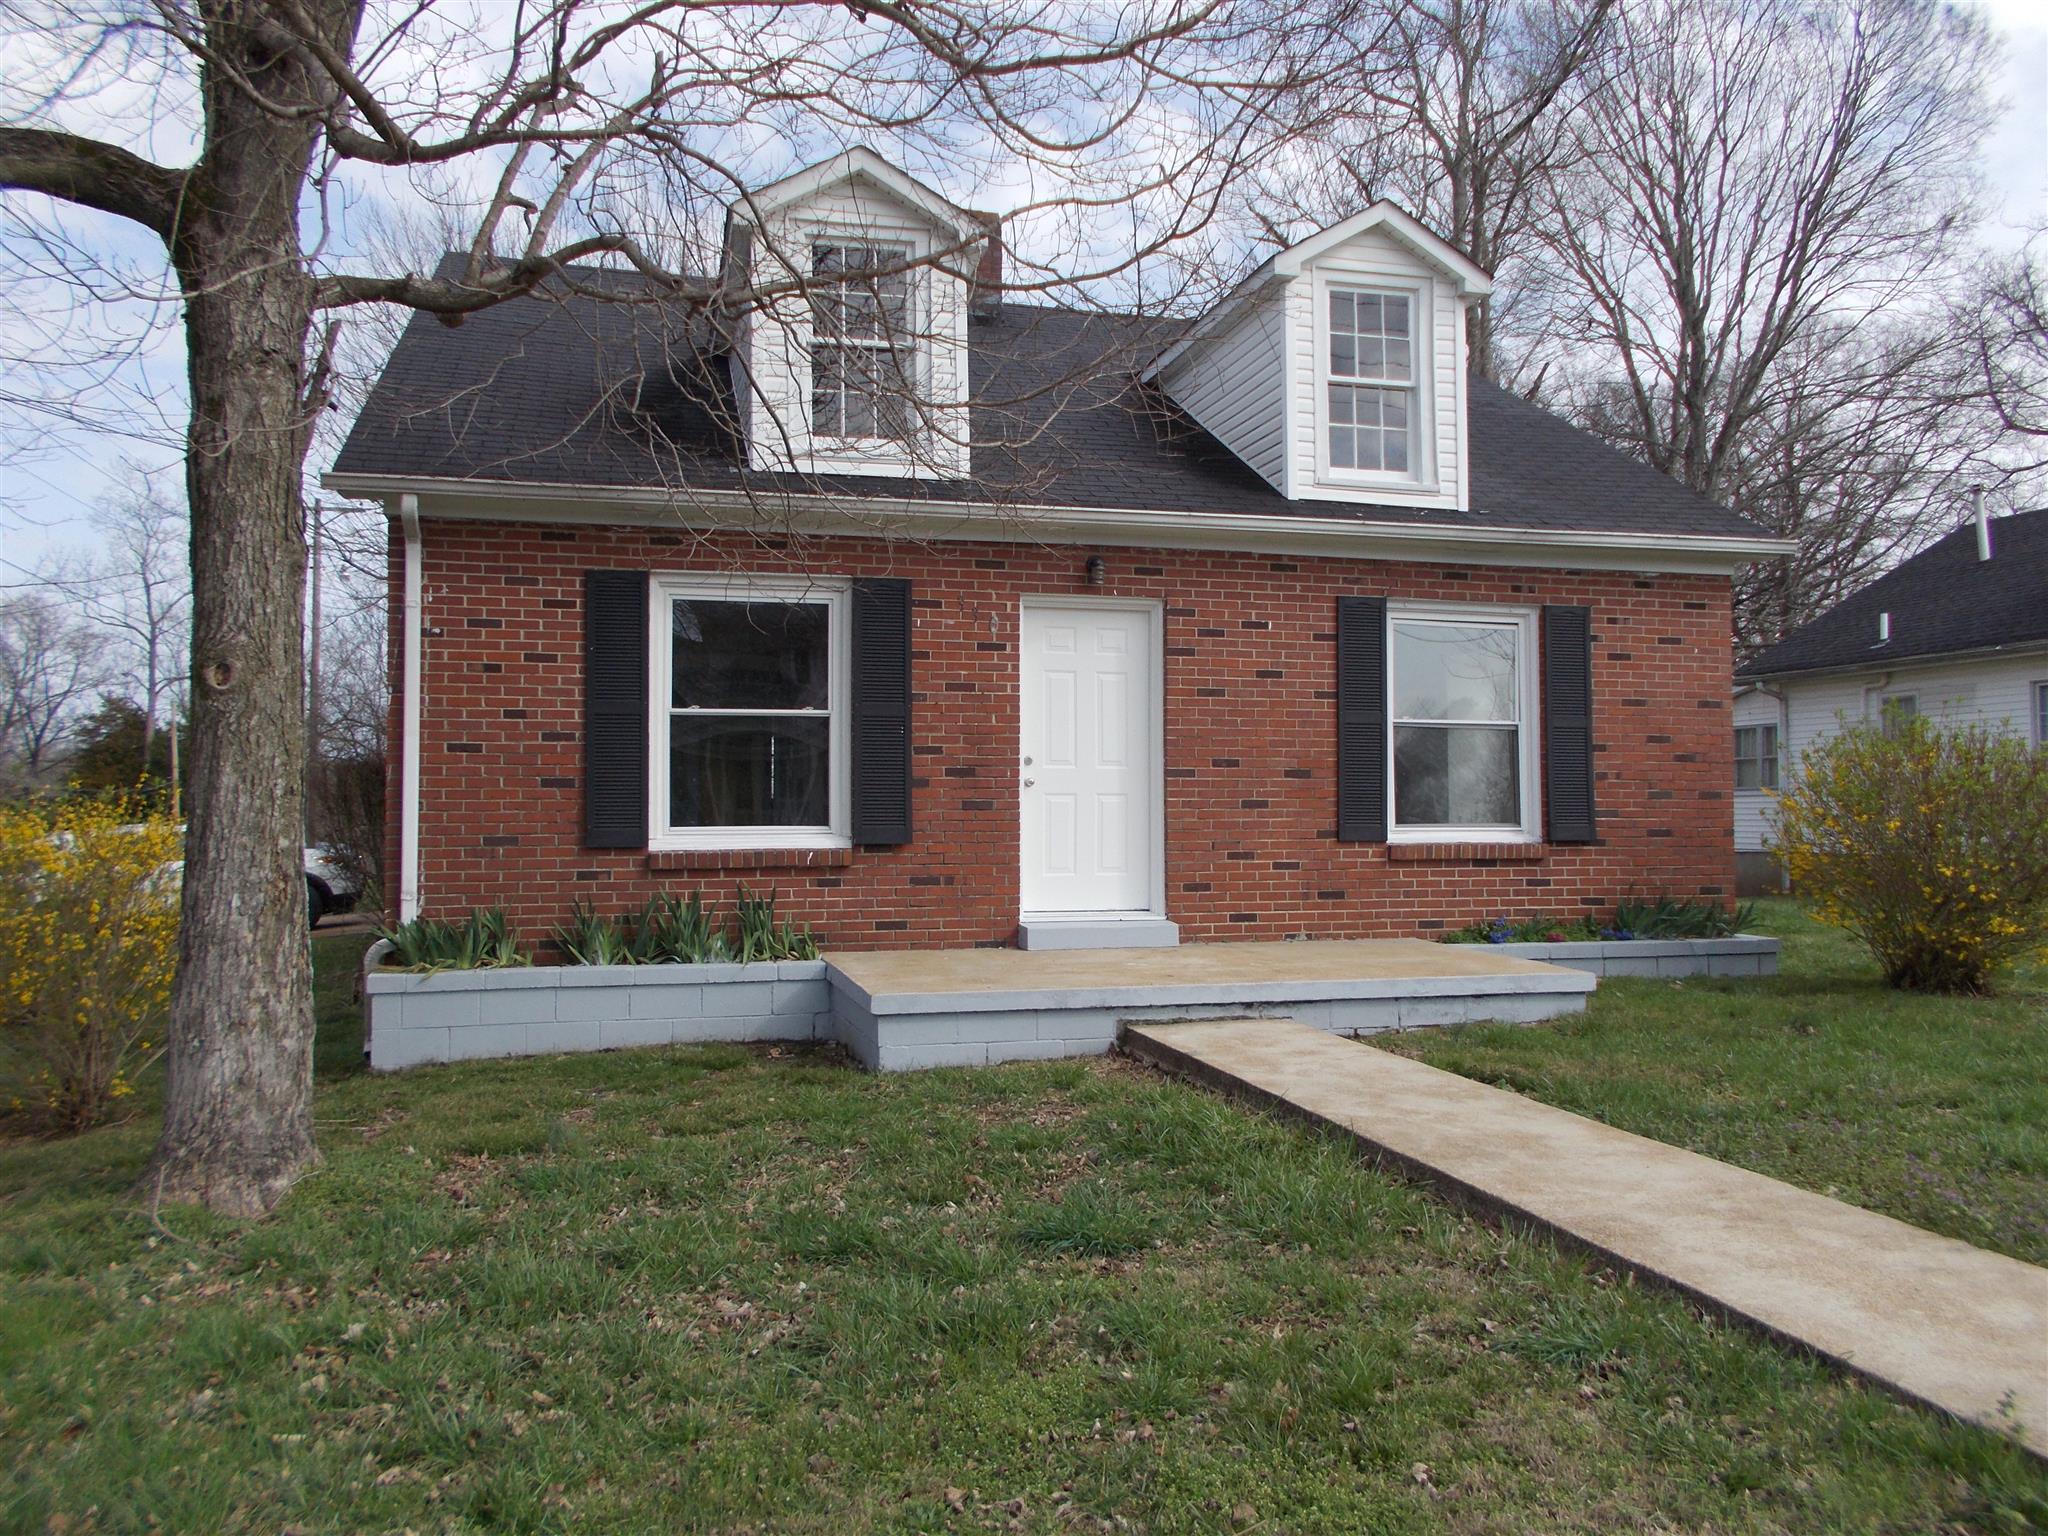 Photo of 330 Jackson Ave  Lawrenceburg  TN